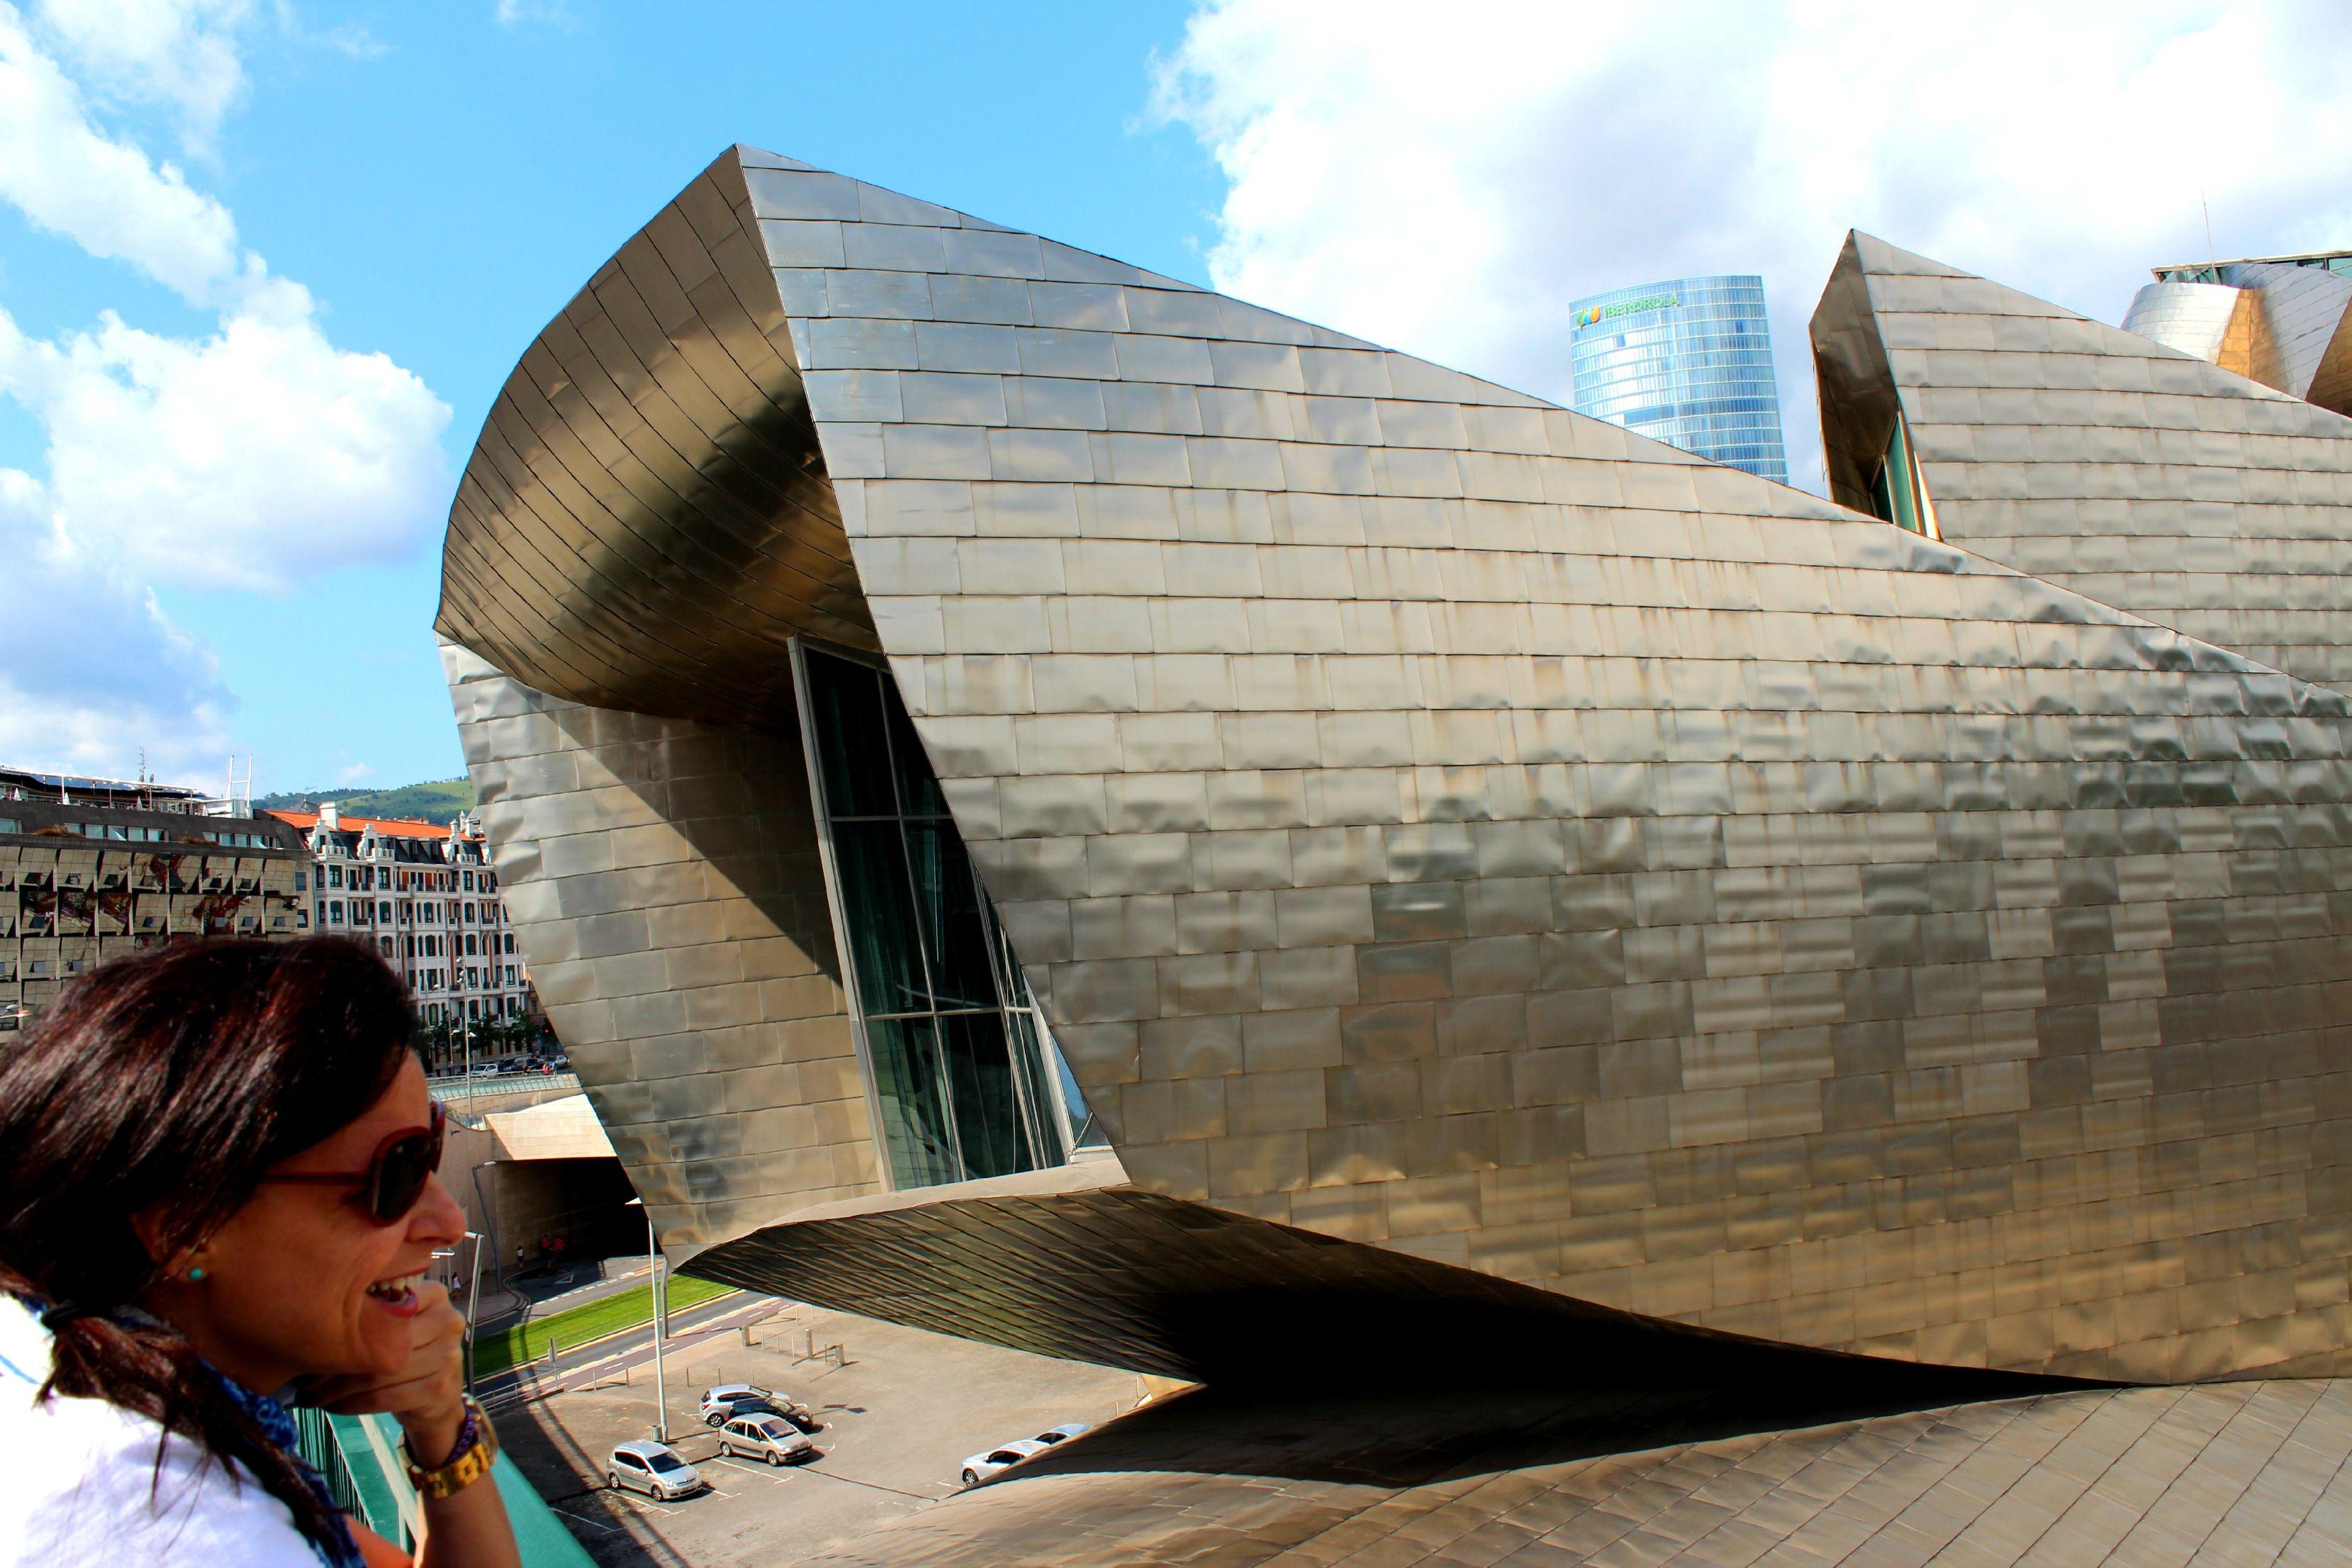 O que fazer - Caminhar pela Ponte de la Salve para ter certeza que o Museu Guggenheim é mesmo incrível! #bilbao